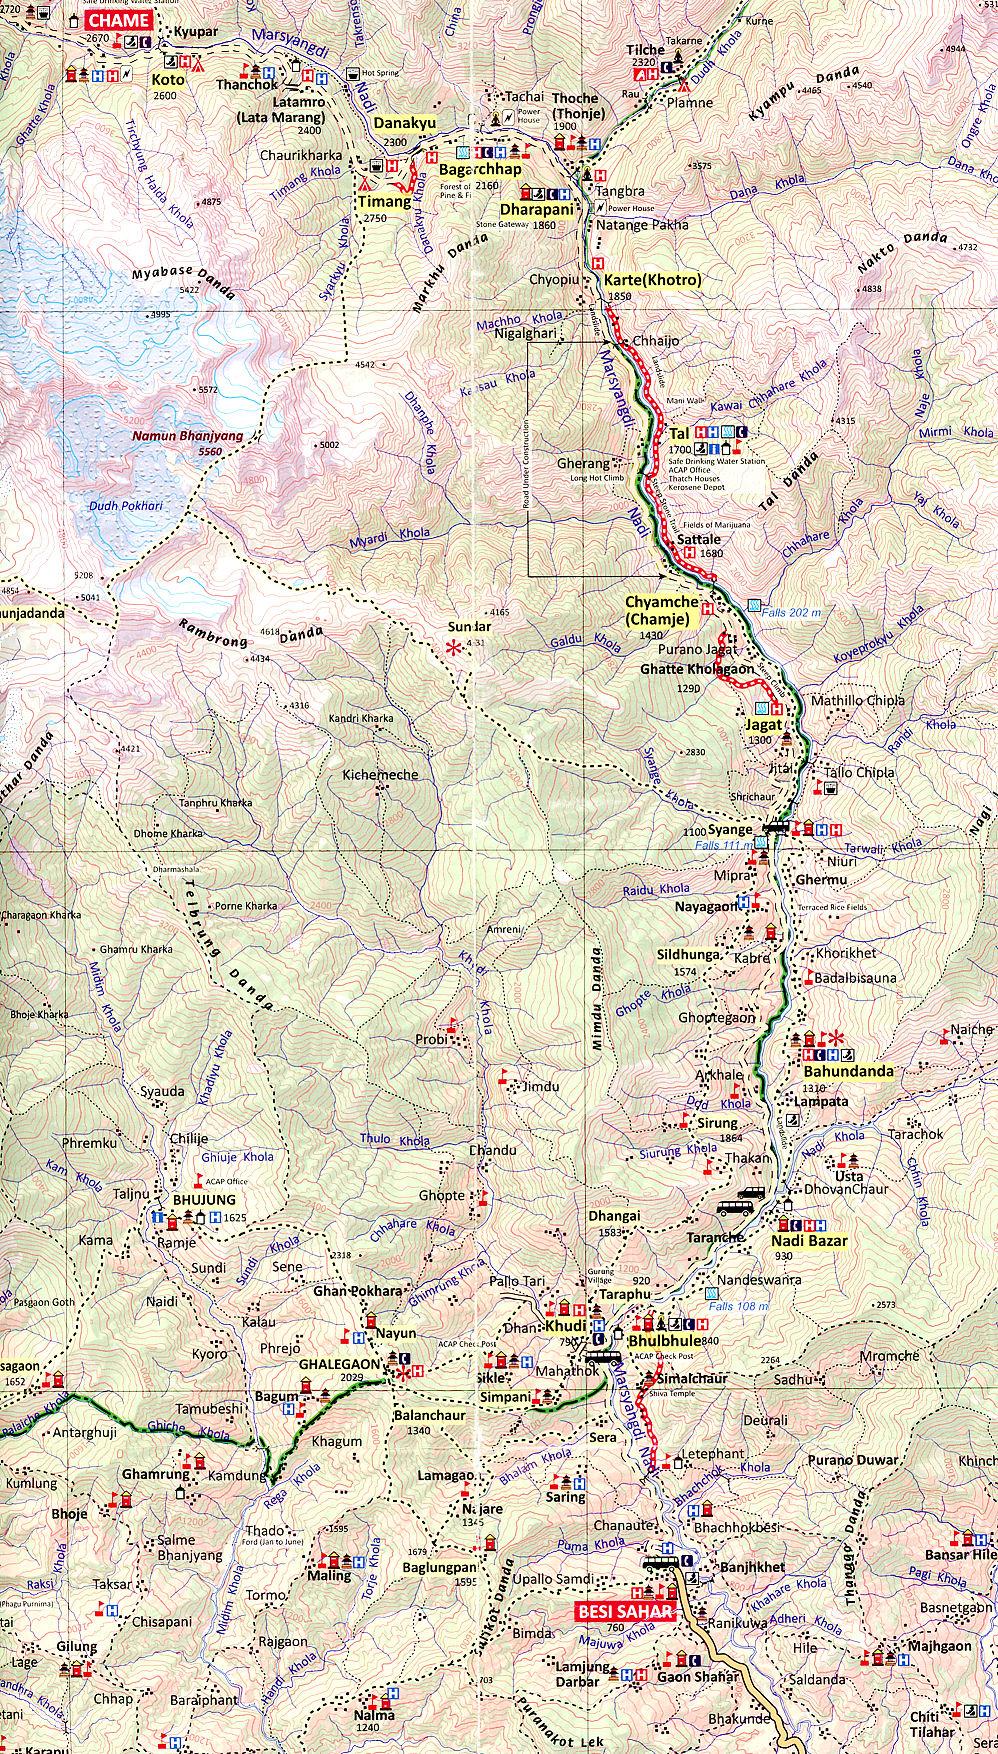 Trekking Map of Muktinath and Annapurna Circuit